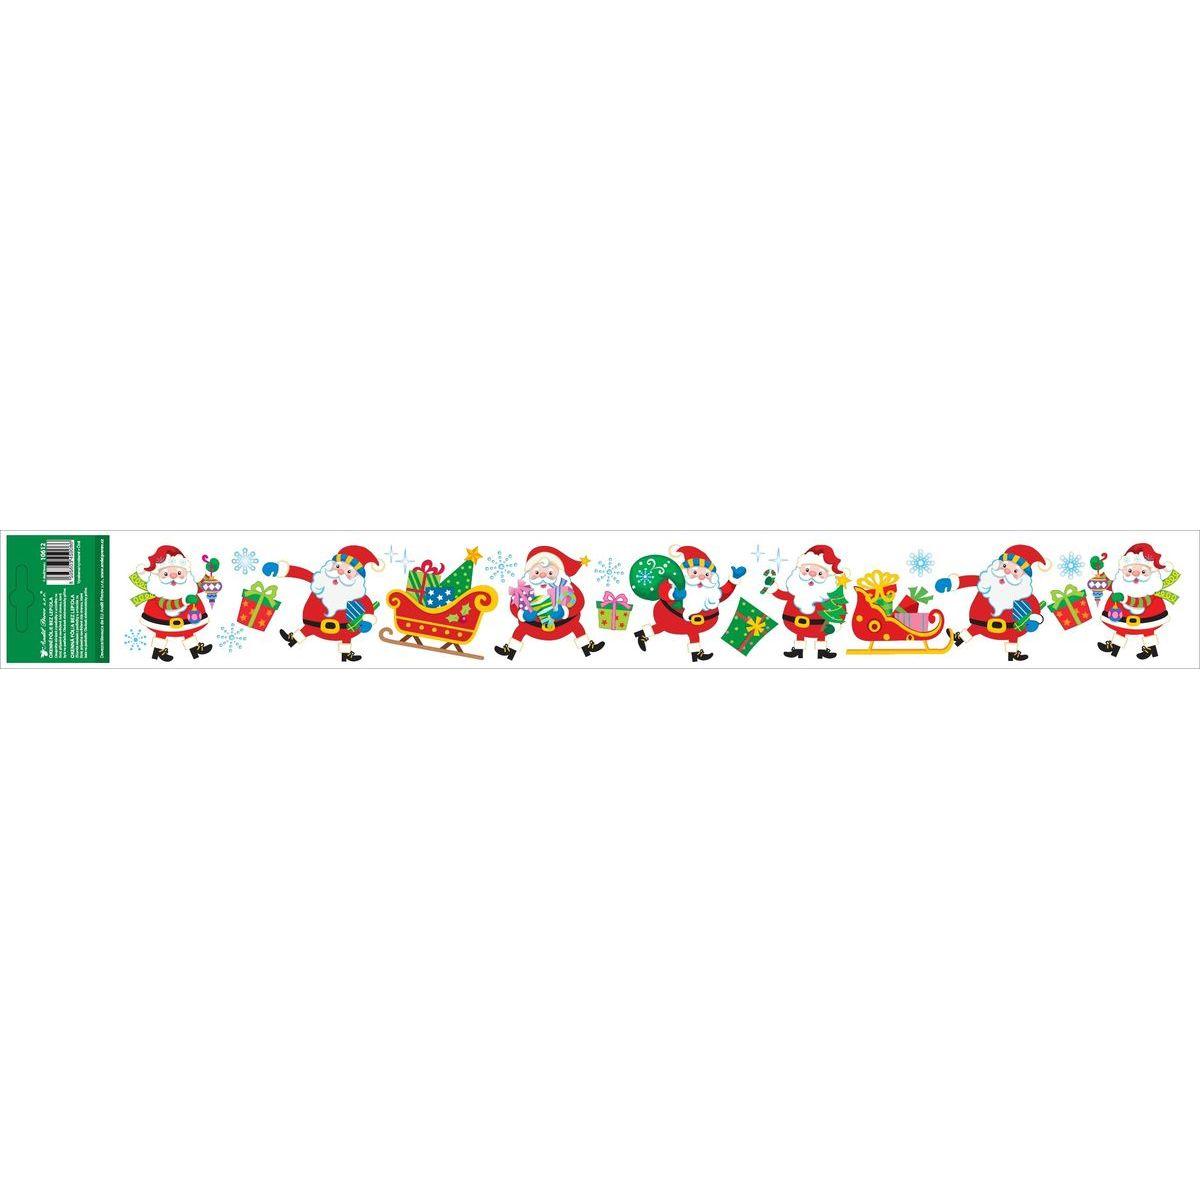 Anděl Okenní fólie s glitry pruh s dětskými motivy 59 x 7 cm Santa Klaus